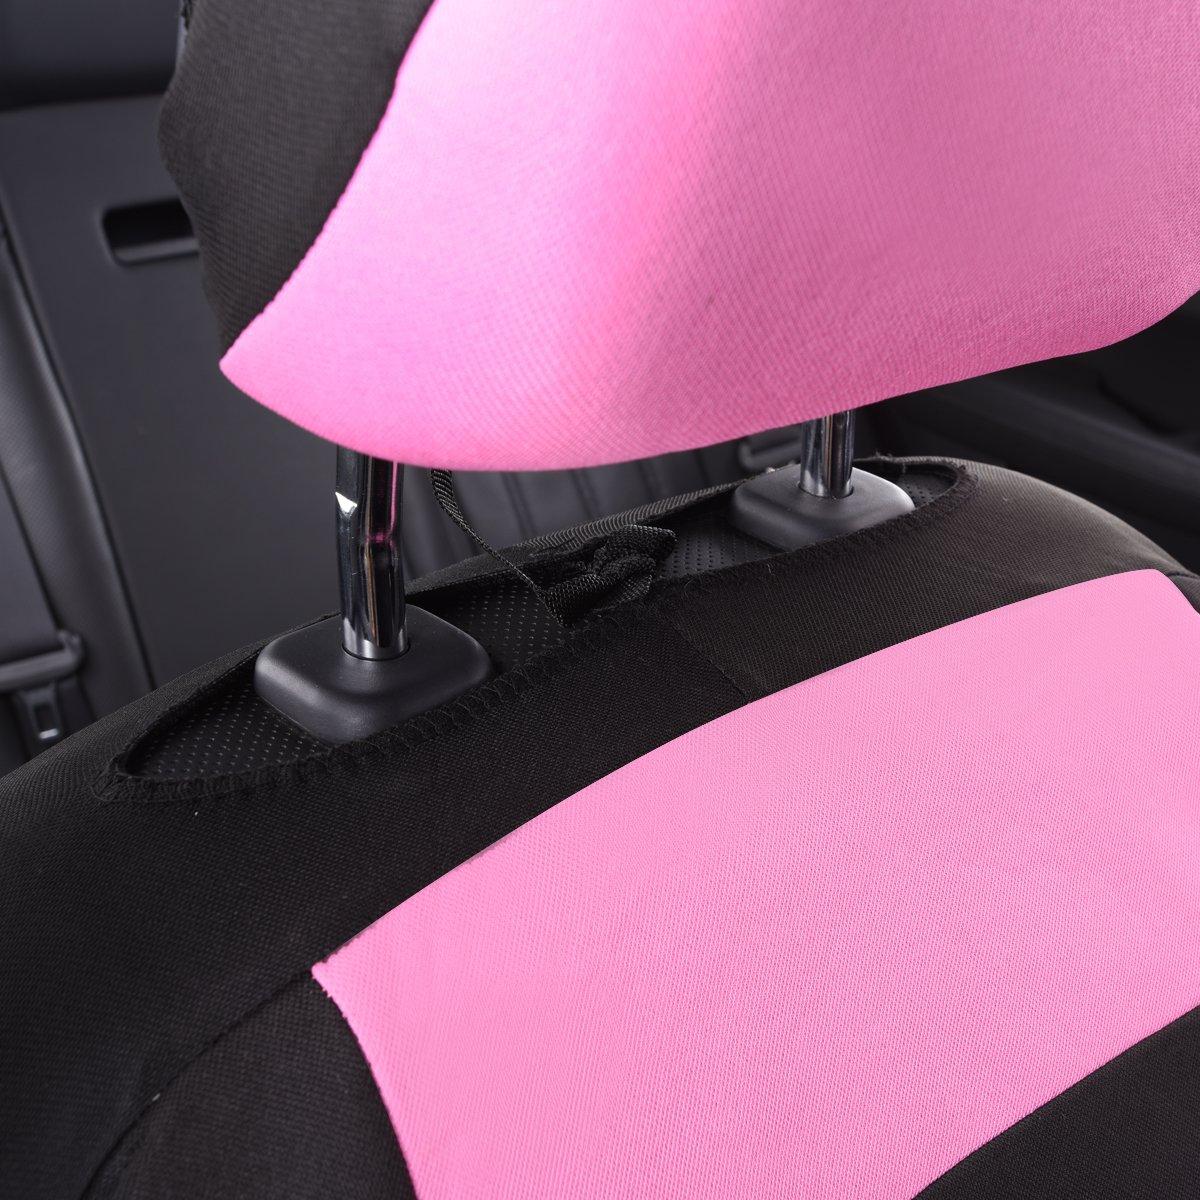 /6pcs Elegance universale automobile set coprisedili anteriori package-fit per veicoli airbag Compatiable Auto pass/ nero e grigio con composito spugna all interno